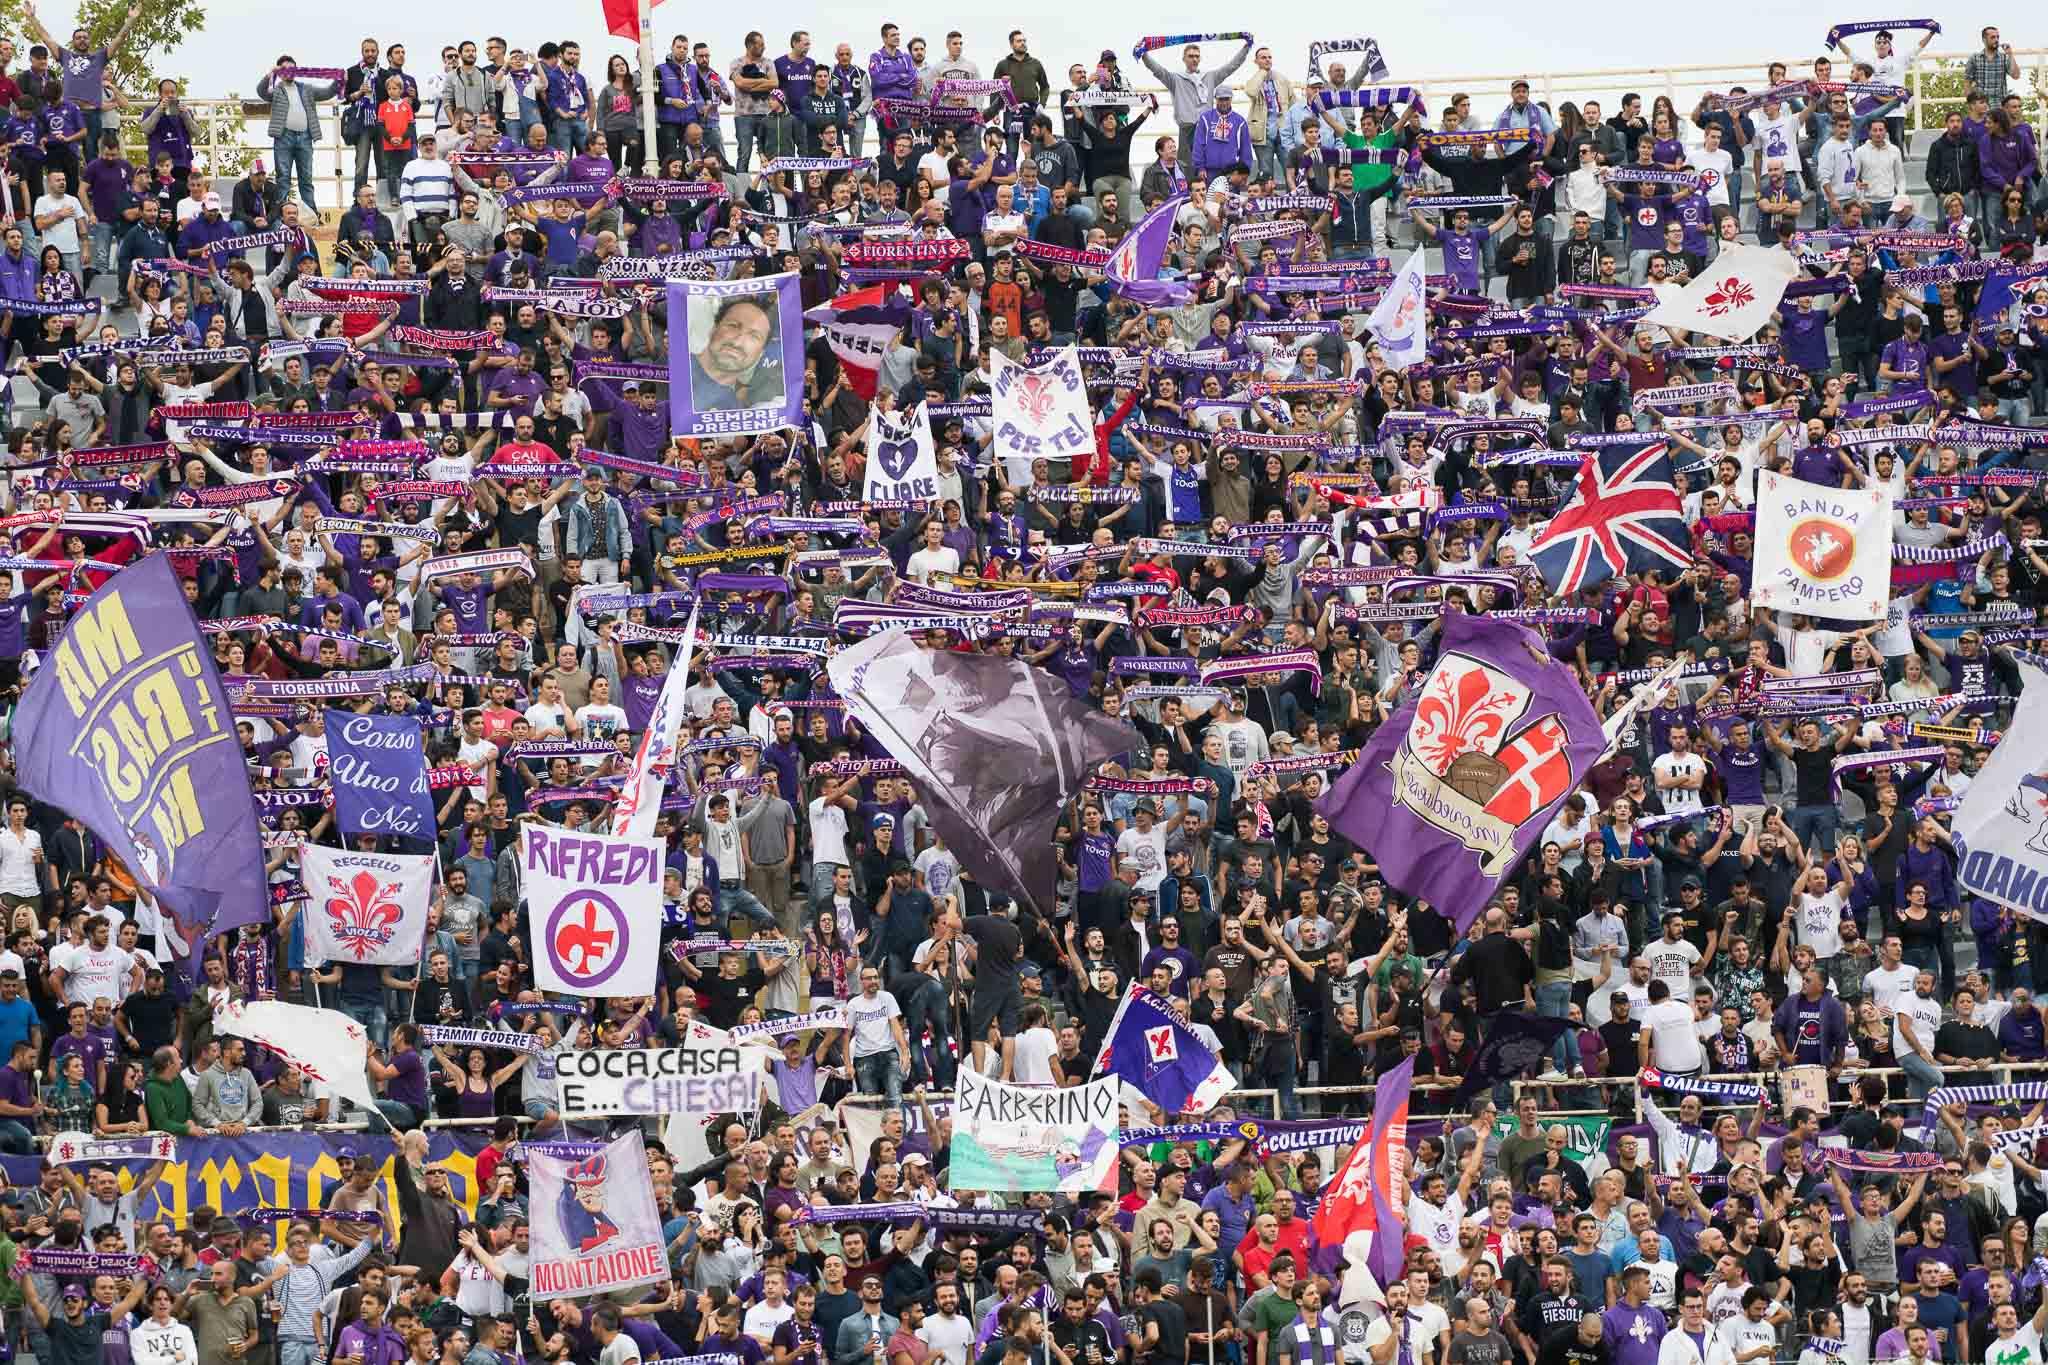 Nonostante i risultati, nonostante i 35 euro del biglietto, è maxi esodo Fiorentina a Ferrara: 1600 tifosi attesi…